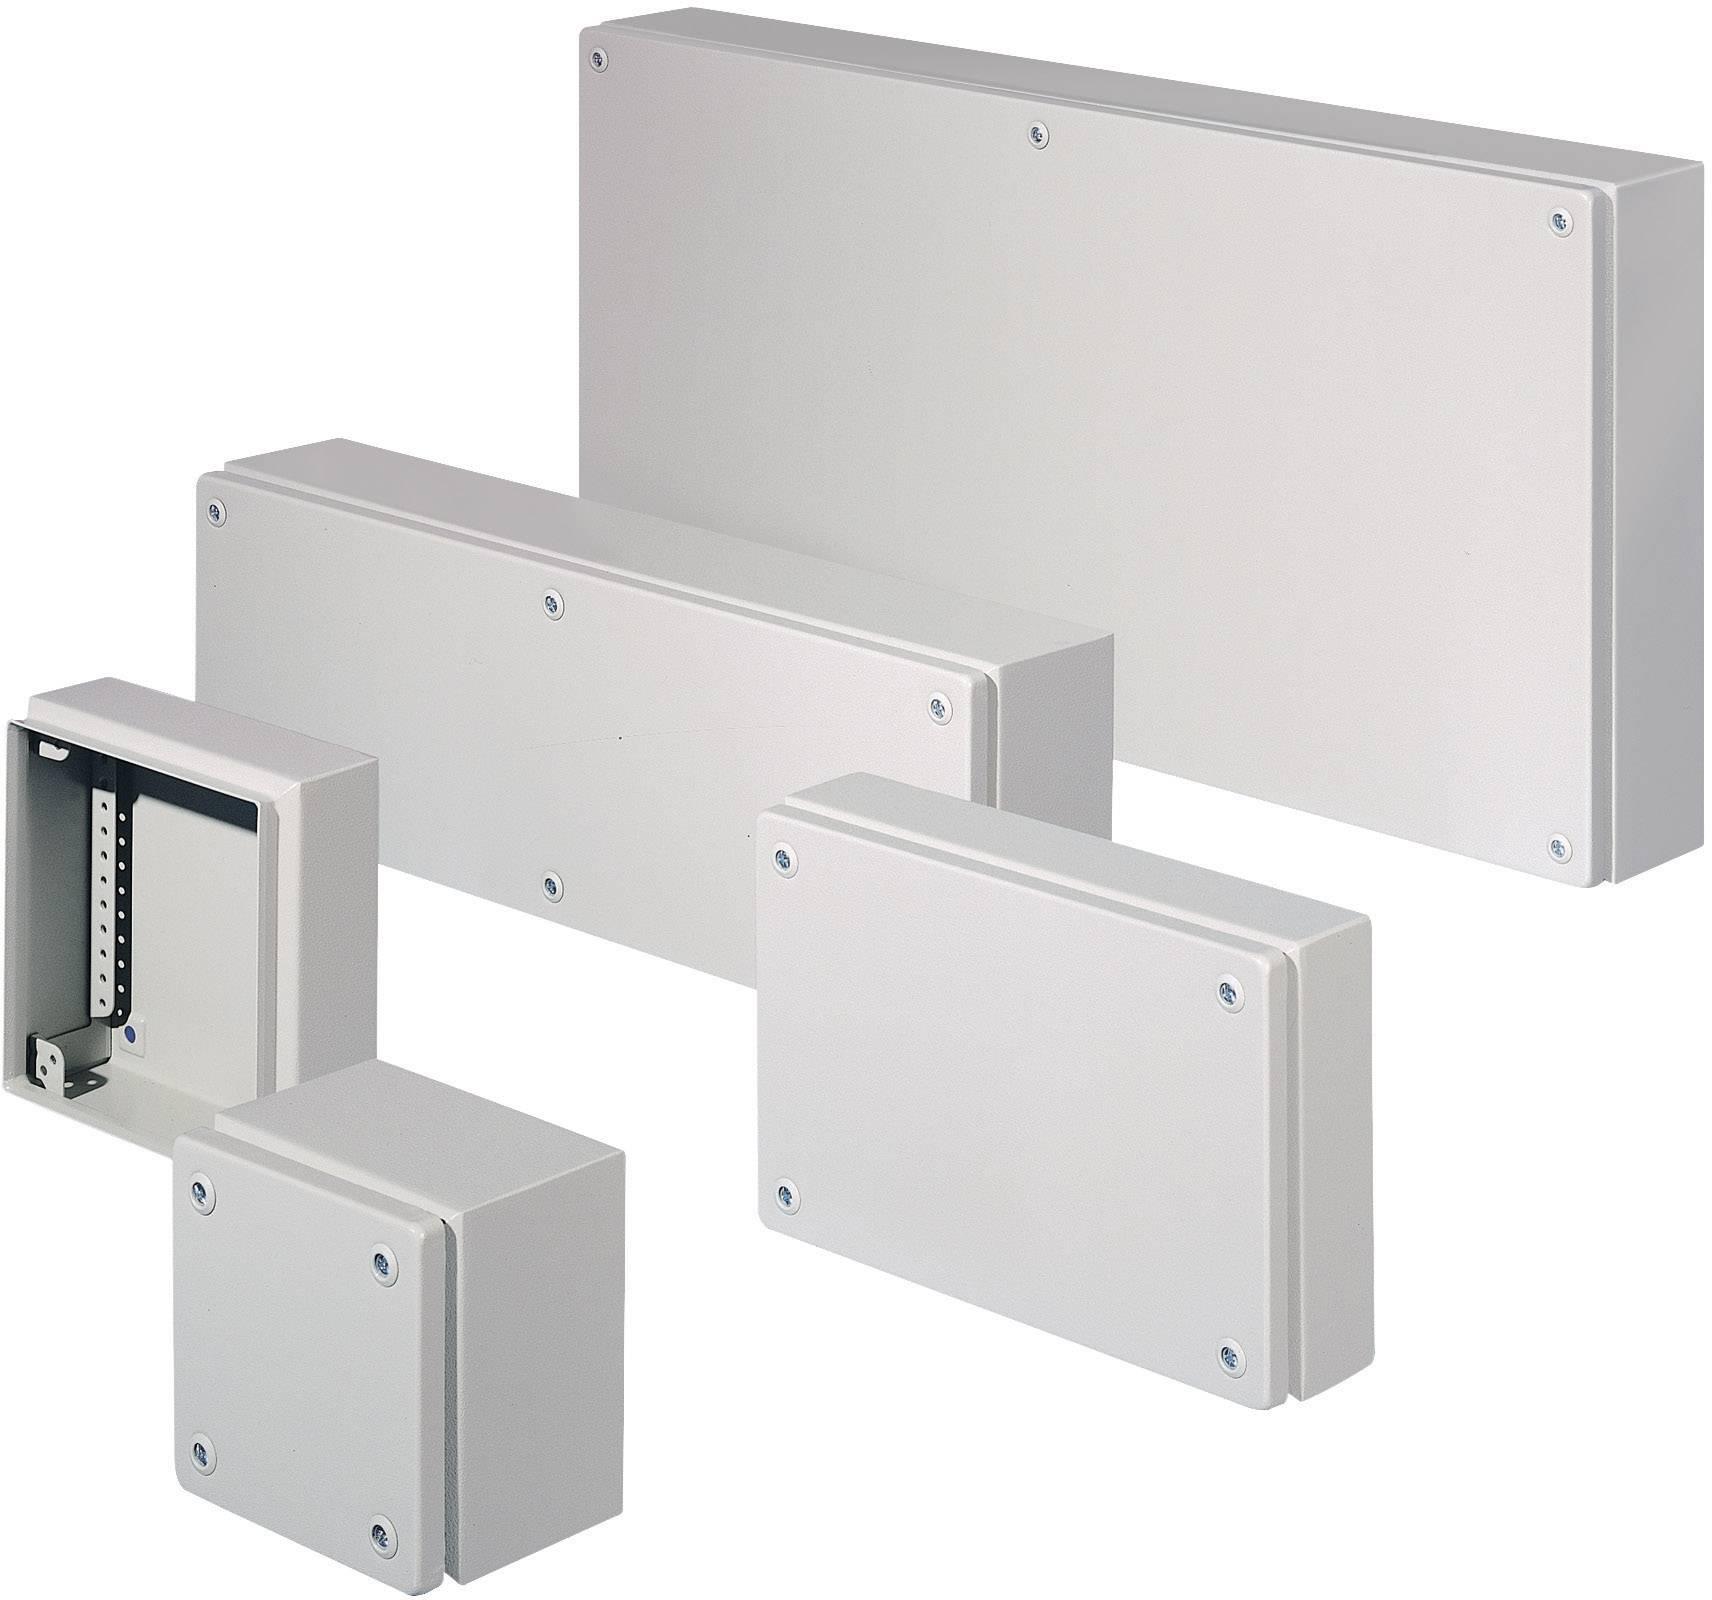 Inštalačná krabička Rittal KL 1502.510 1502.510, (š x v x h) 200 x 200 x 120 mm, oceľový plech, svetlo sivá, 1 ks